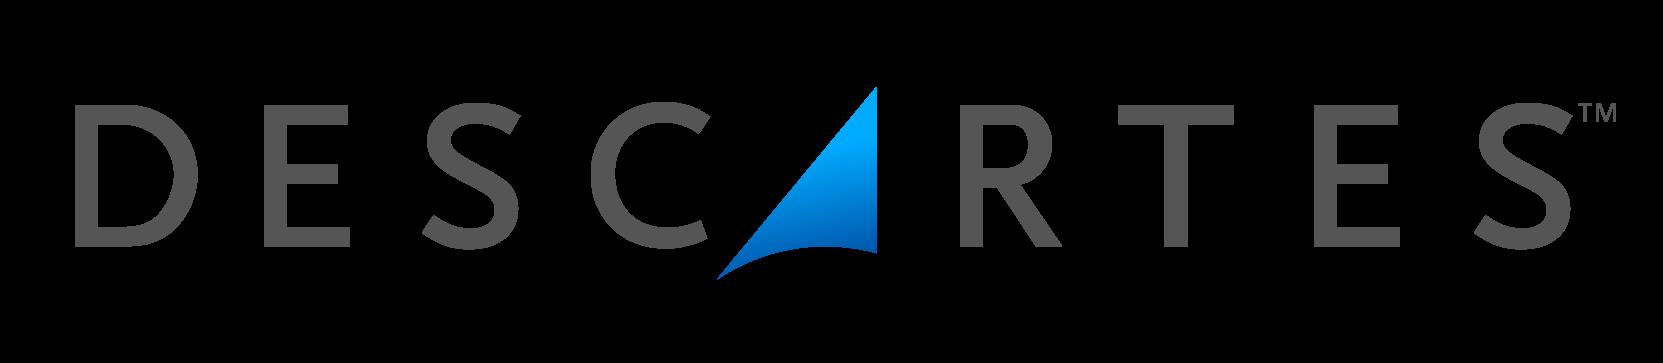 Descartes Systems Group logo